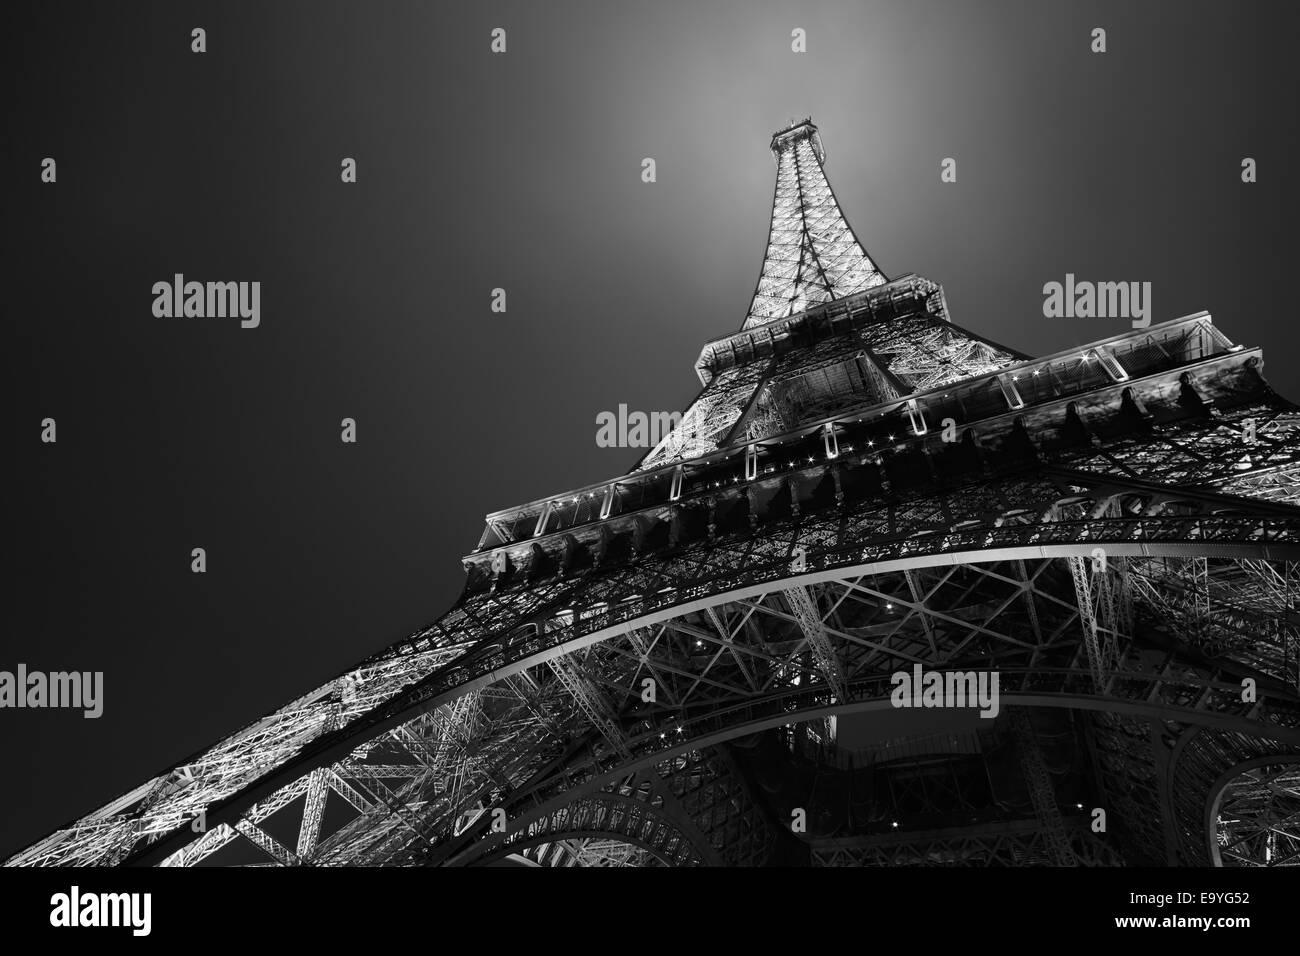 La torre Eiffel de Paris de noche, blanco y negro, vista de ángulo bajo Imagen De Stock